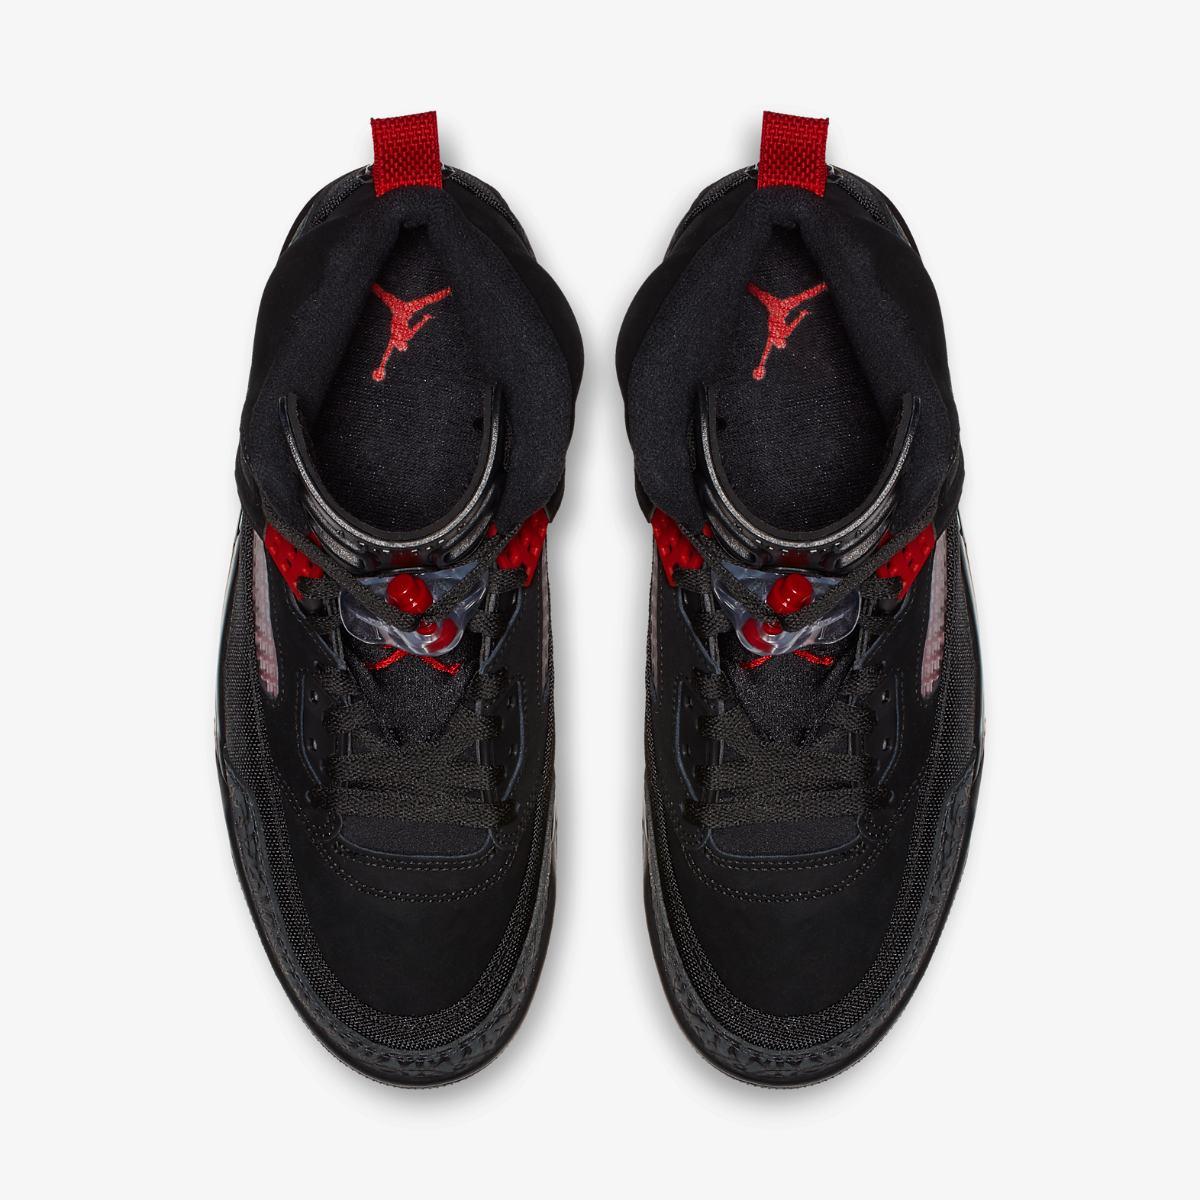 10af13a48d7e Кроссовки для баскетбола Jordan JORDAN SPIZIKE 315371-006 купить ...